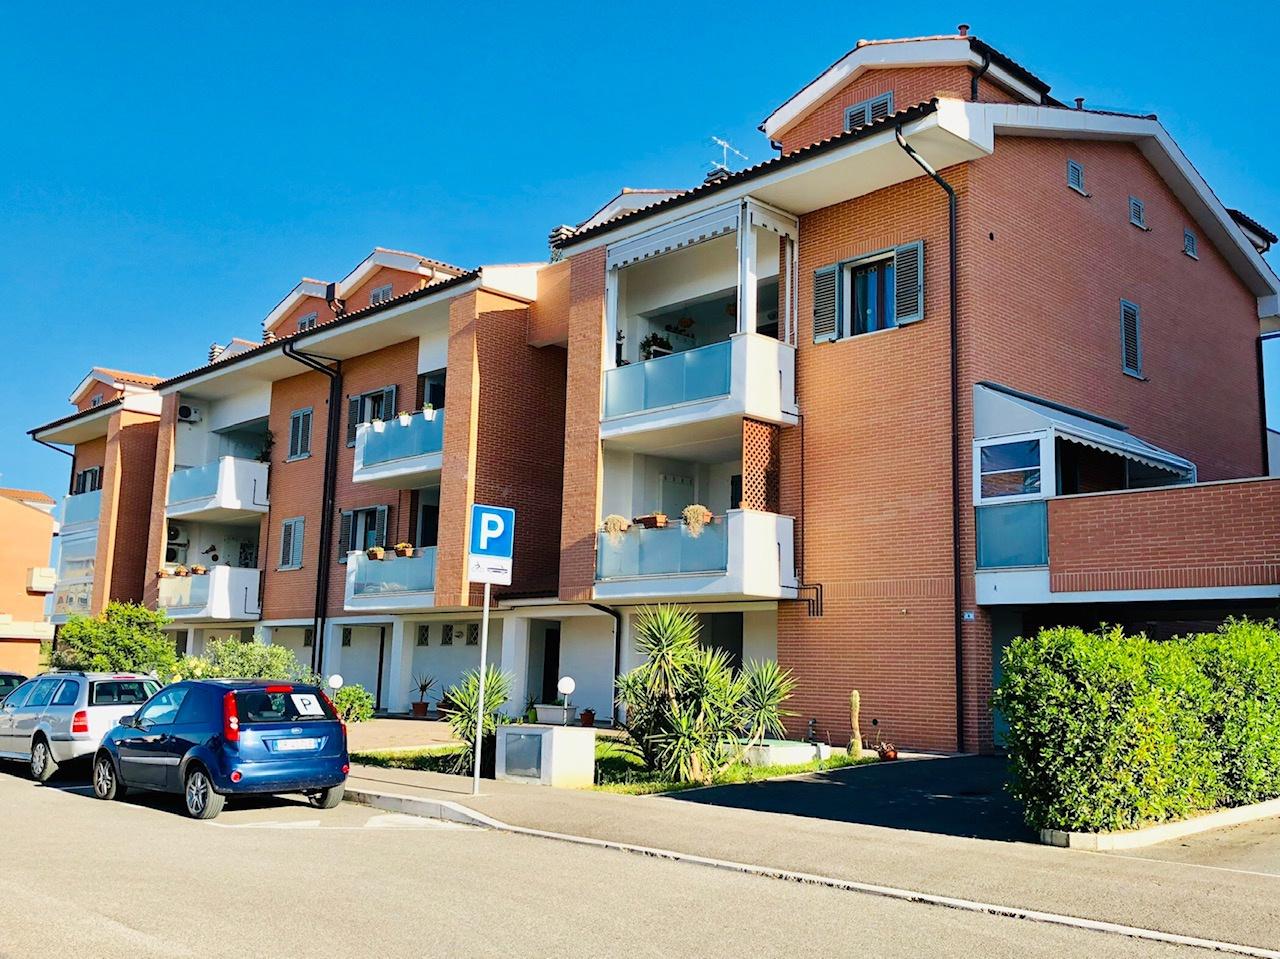 Appartamento indipendente 5 locali in vendita a Grosseto (GR)